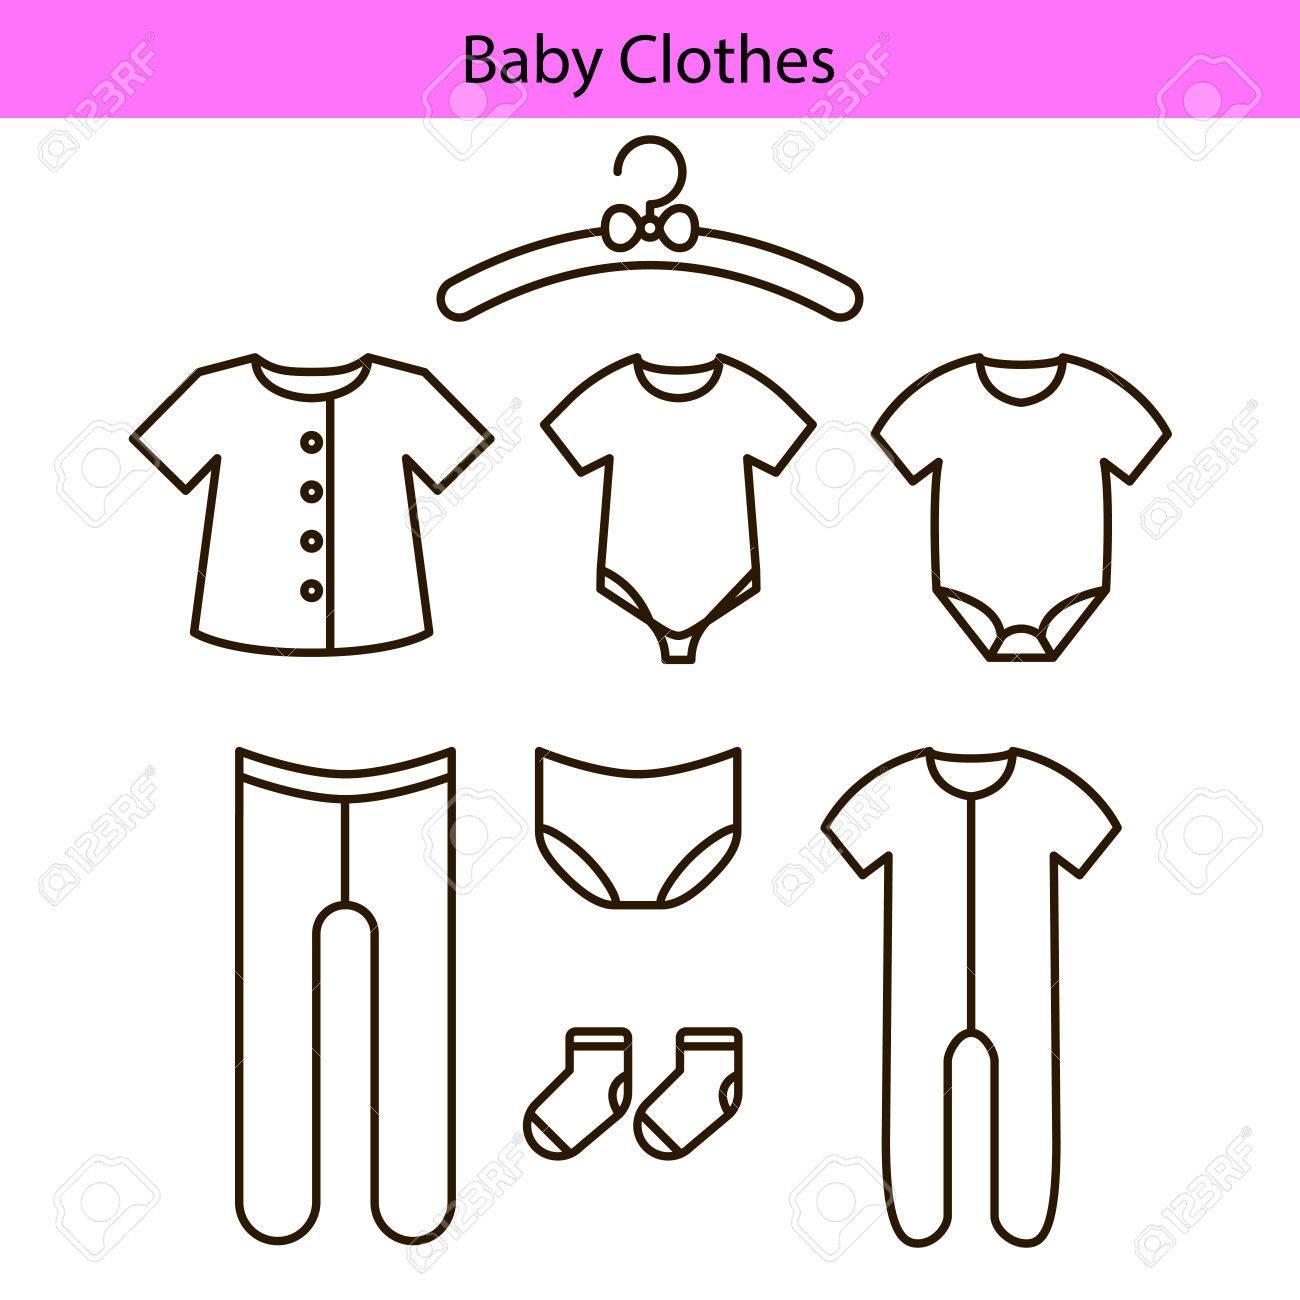 Bebé ropa vector línea iconos. Foto de archivo - 76872038 1854dda04133